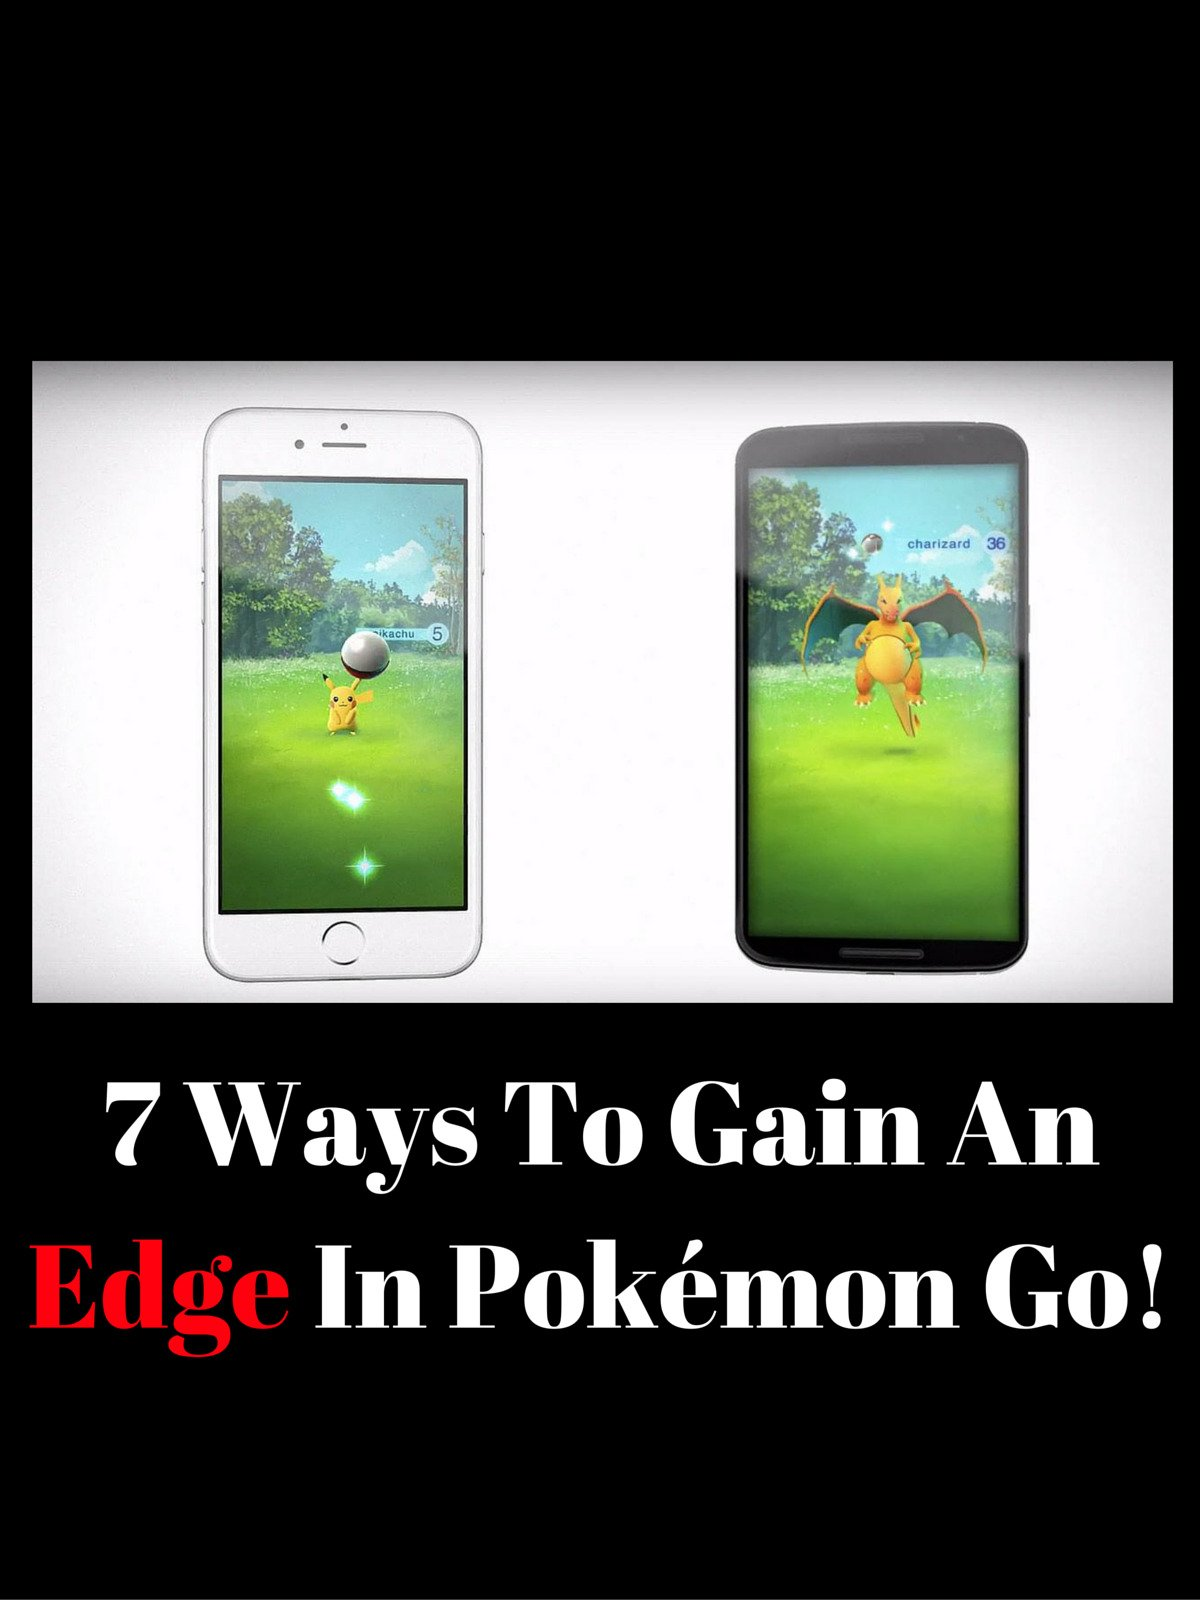 7 Ways To Gain An Edge In Pokémon Go!